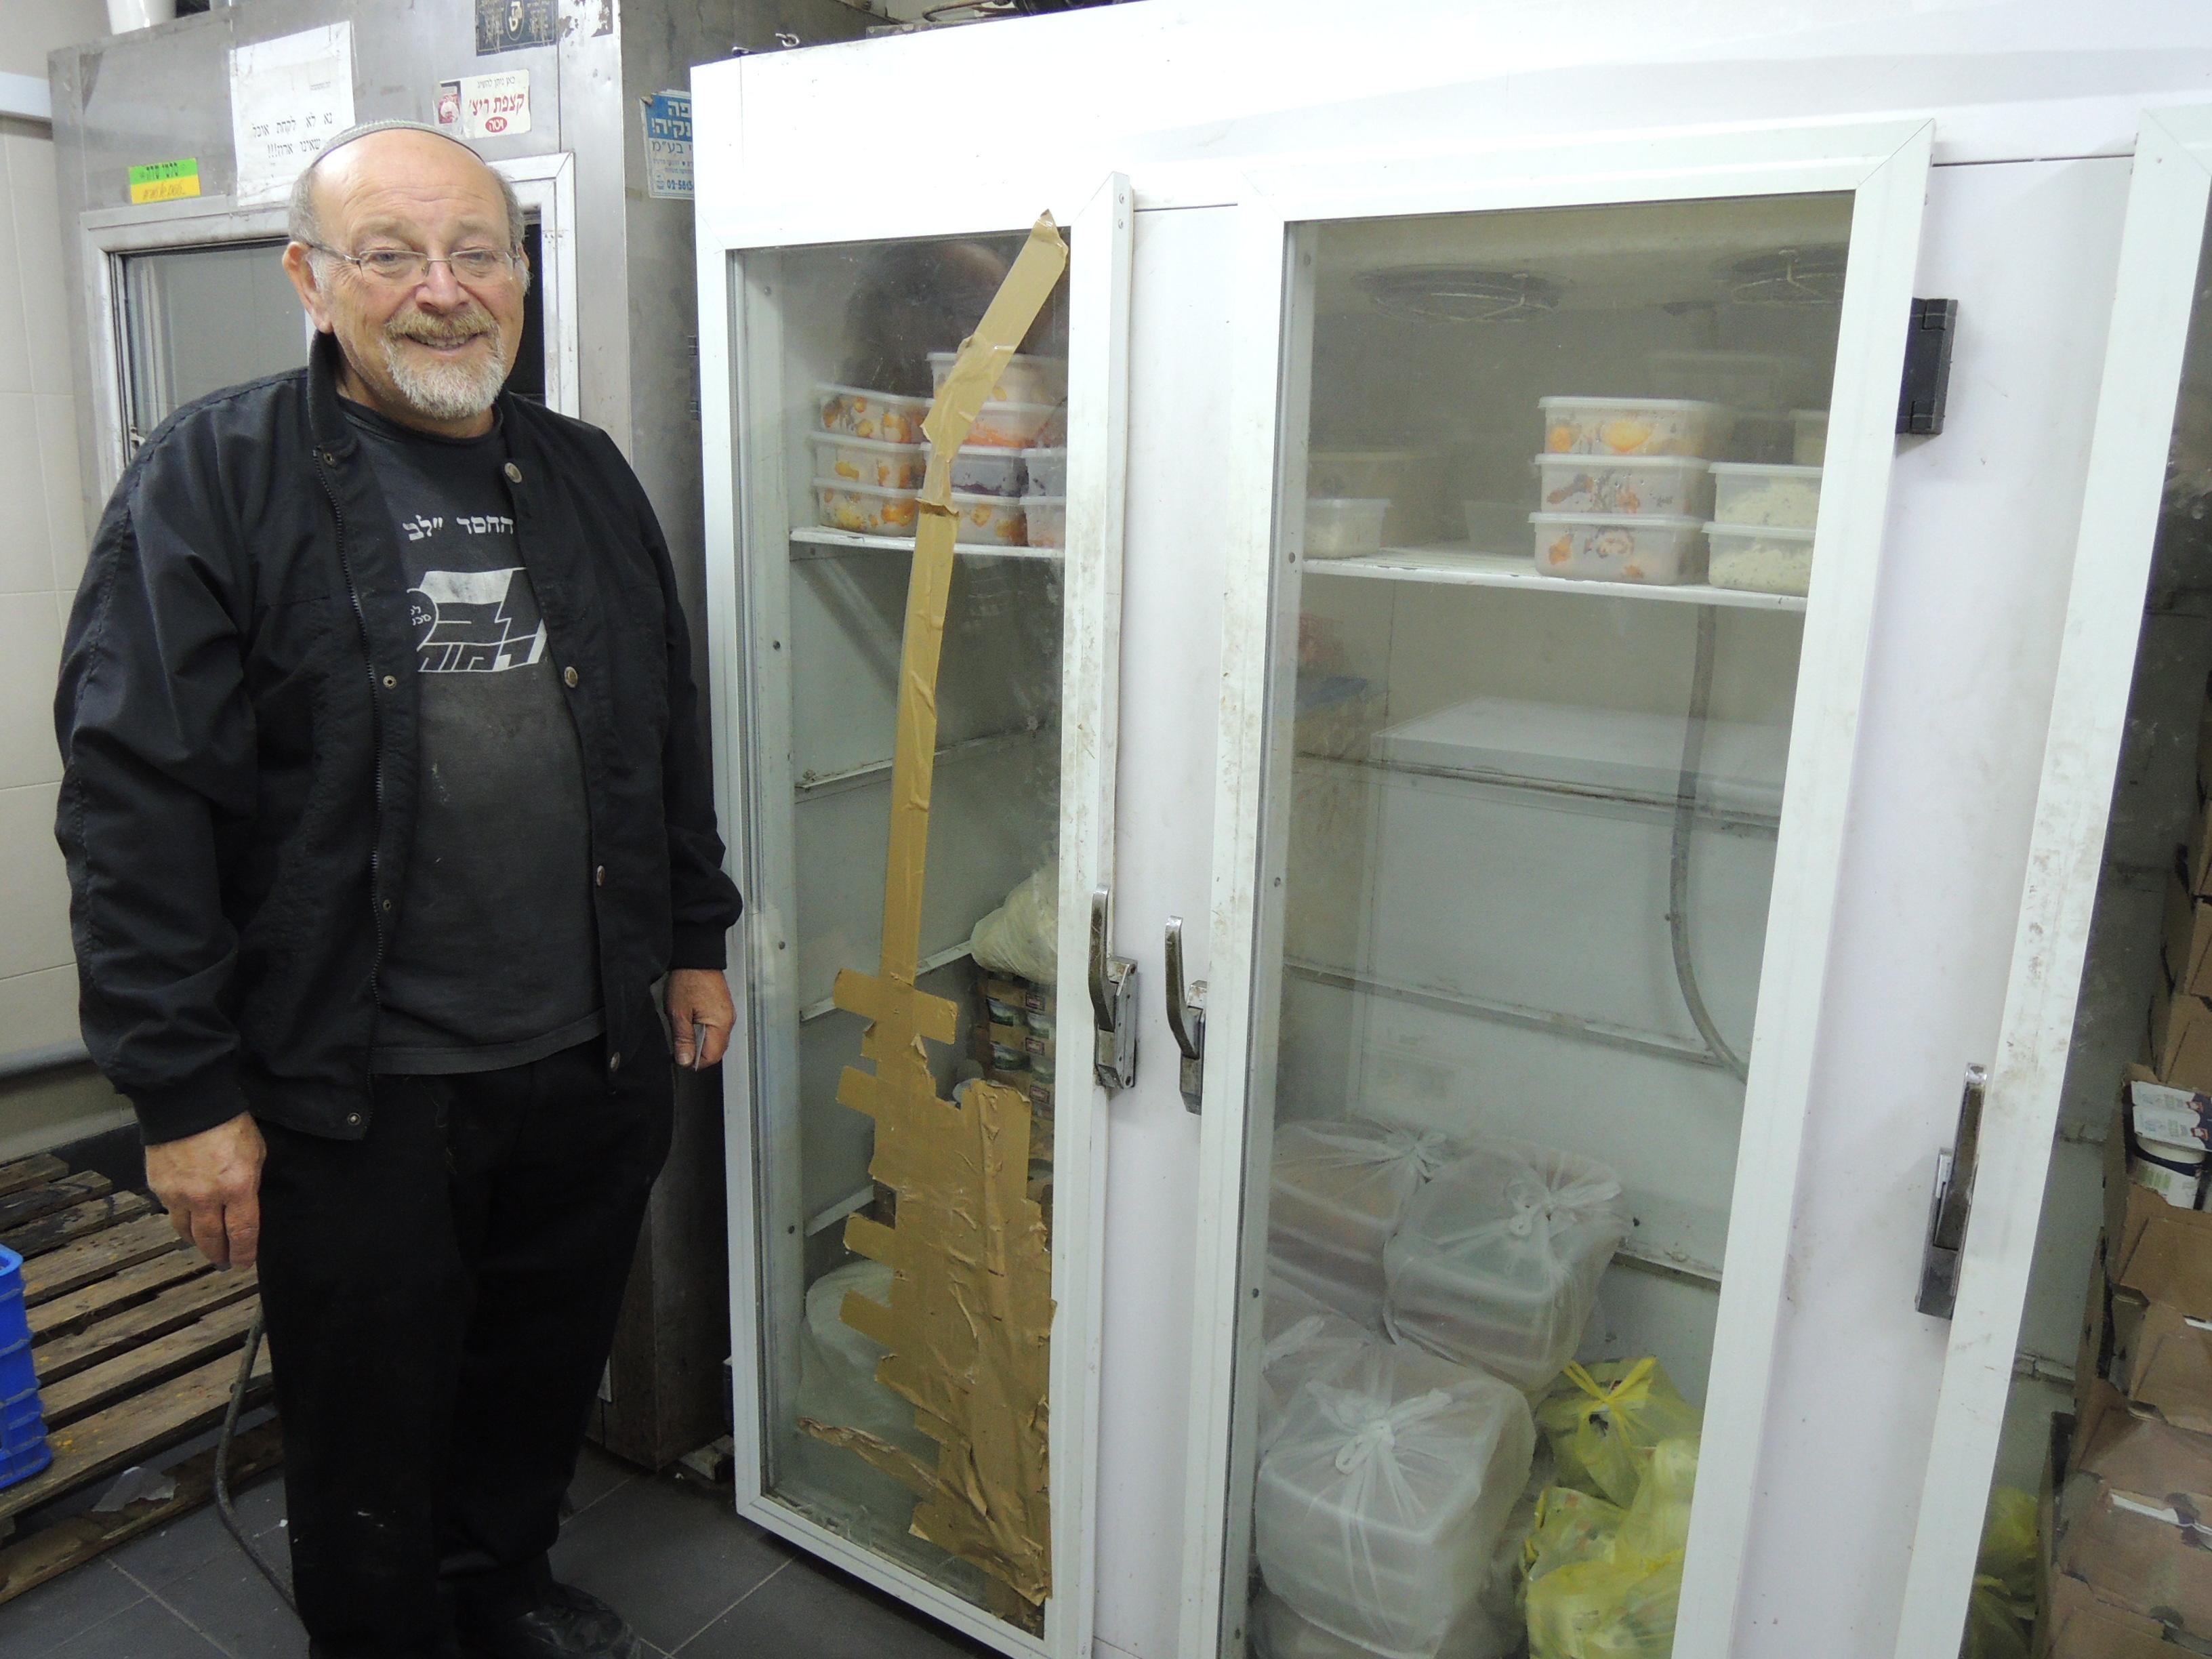 Moshe Kot foran de nye kjøleskapene hos Lev Ramot. Foto: Mona Ø. Beck